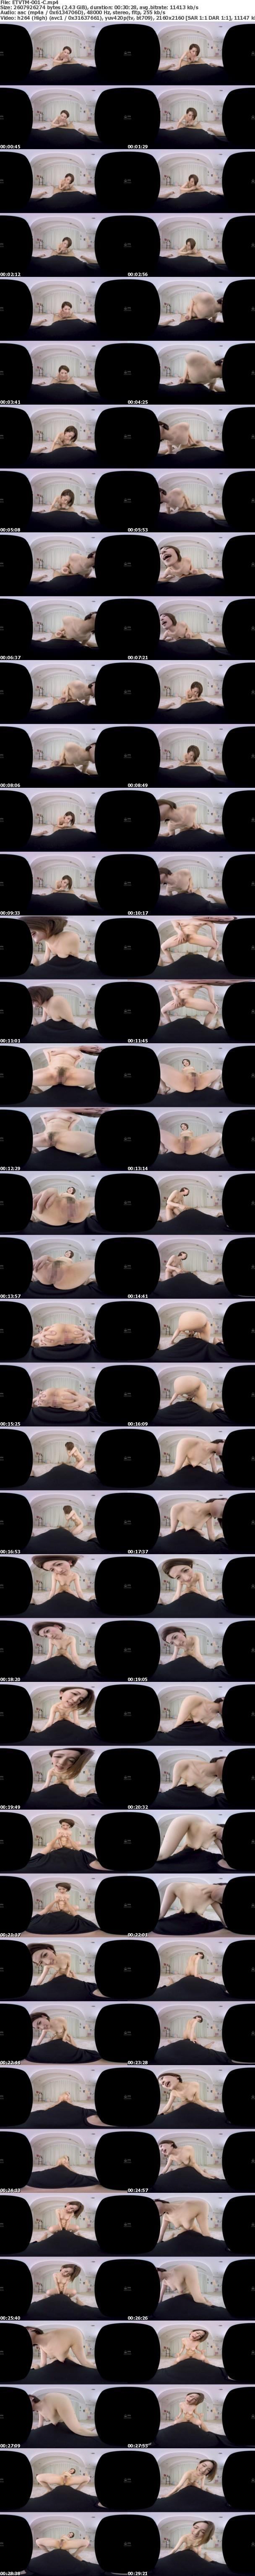 (VR) ETVTM-001 あなたの耳元で七色の萌えボイスでたっぷり囁く超密着イチャラブ濃厚SEX~臨場感抜群・元声優が天使の声で大好き淫語の嵐・いやらしい生音が脳天直撃・囁き特化VR~ 紗々原ゆり